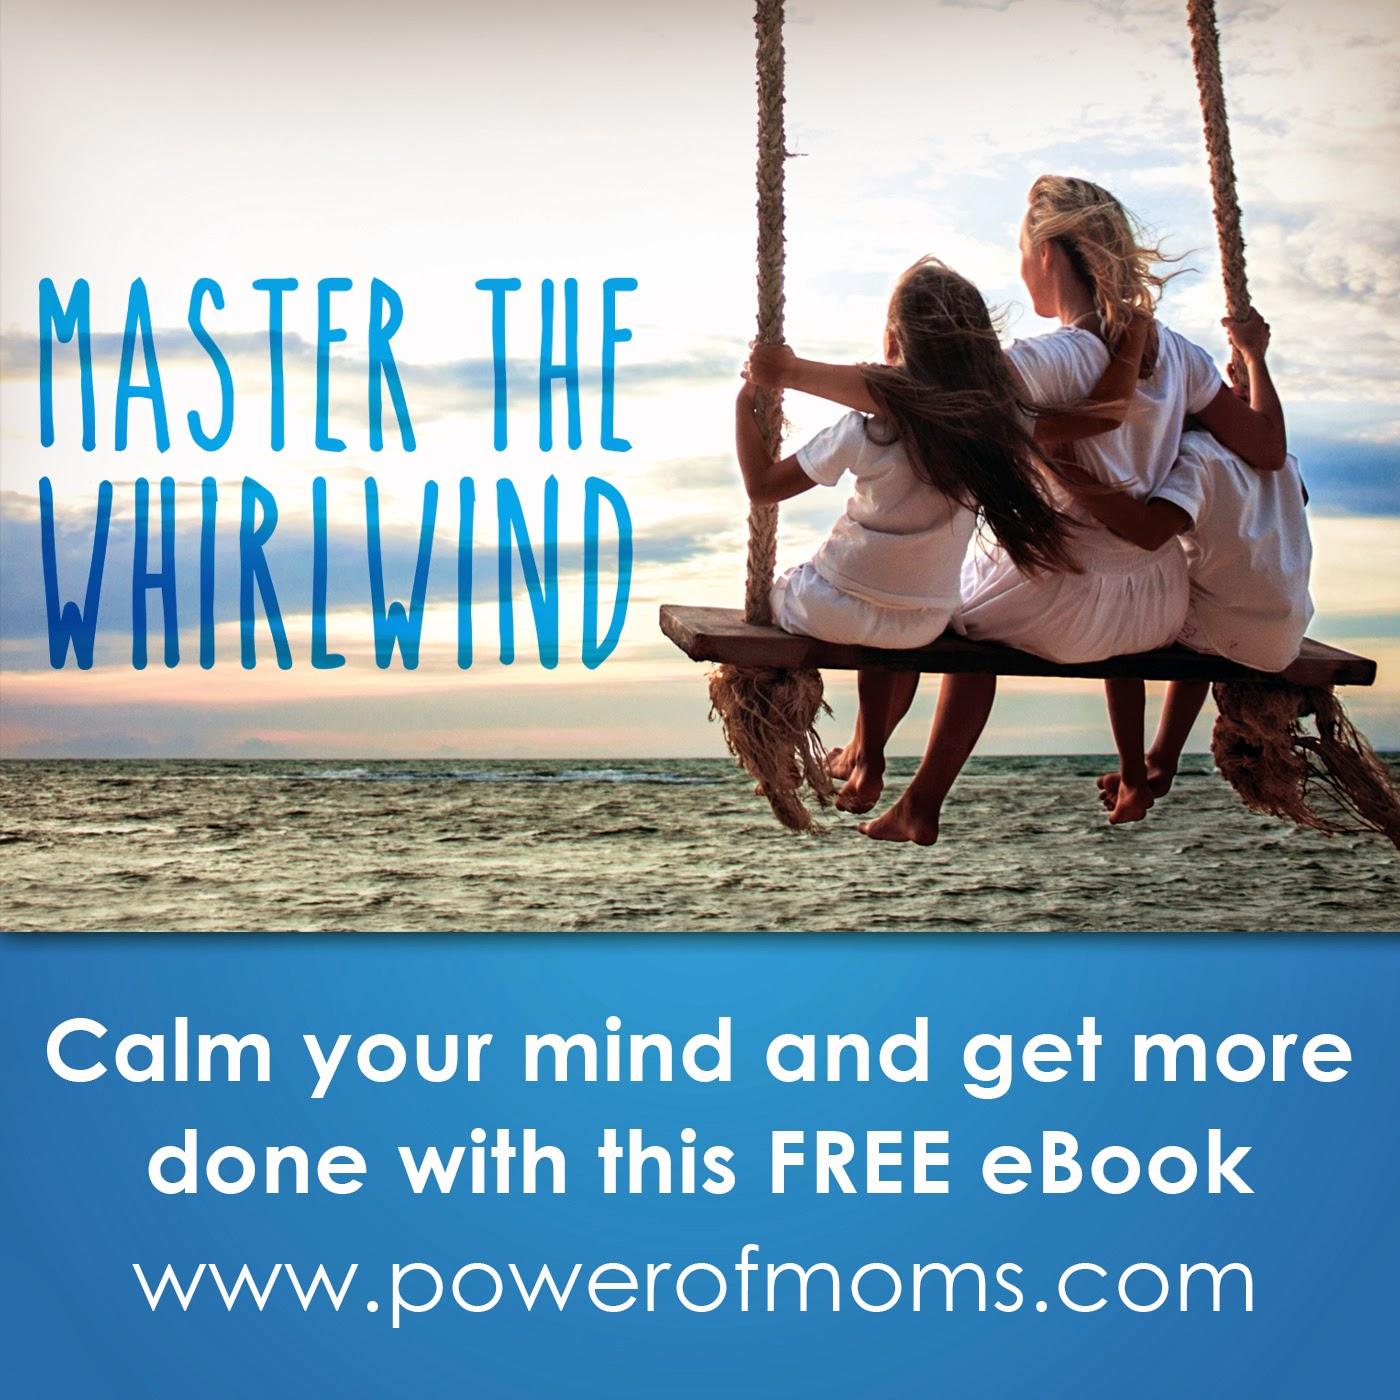 www.powerofmoms.com/whirlwind